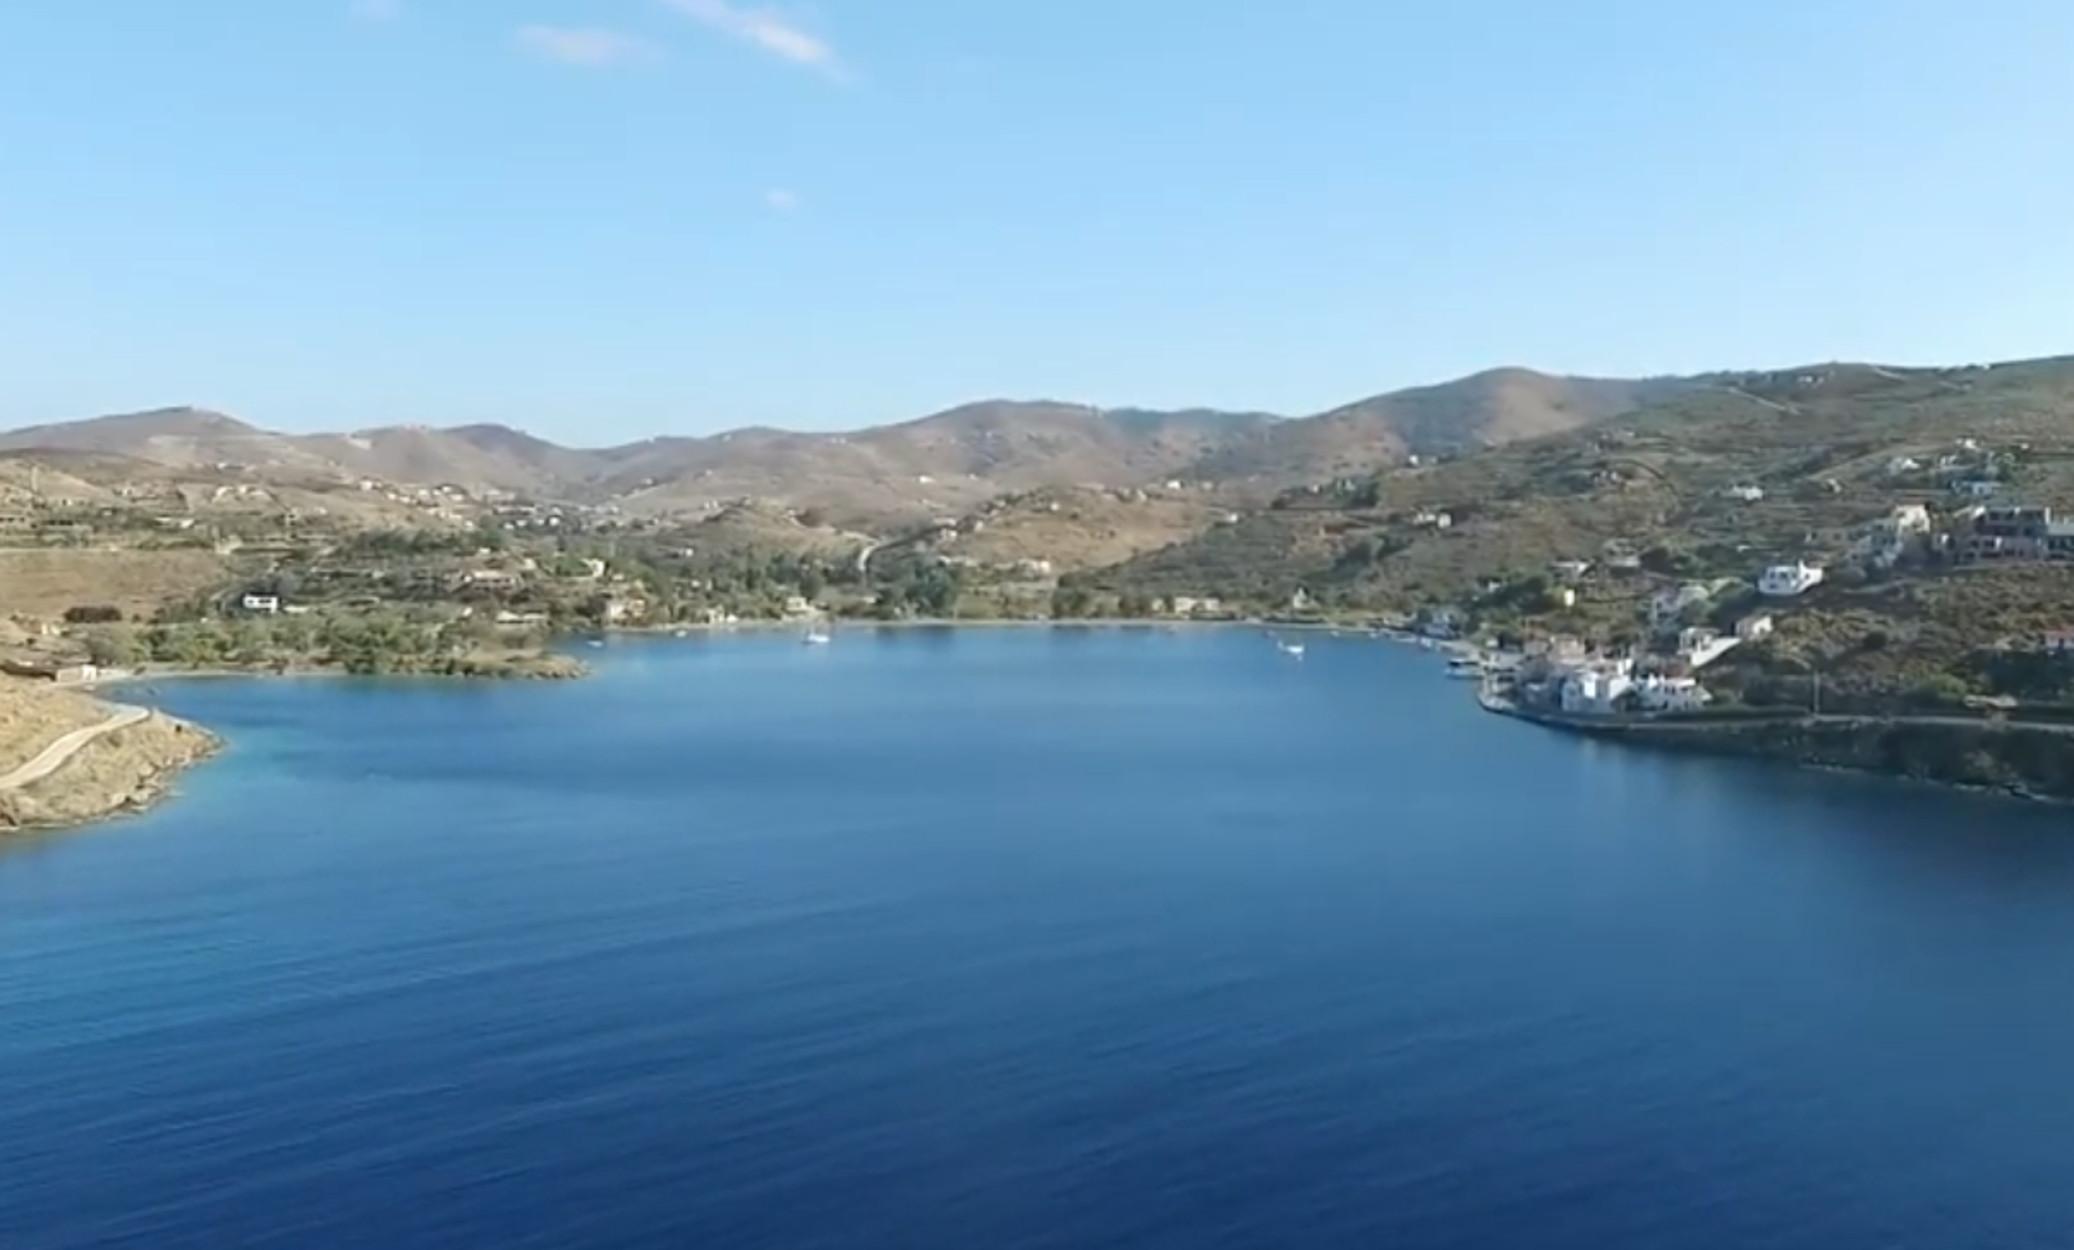 Πλοίο από την Τουρκία με 193 μετανάστες προσάραξε στην Κέα! Φιλοξενούνται σε παλιό ξενοδοχείο